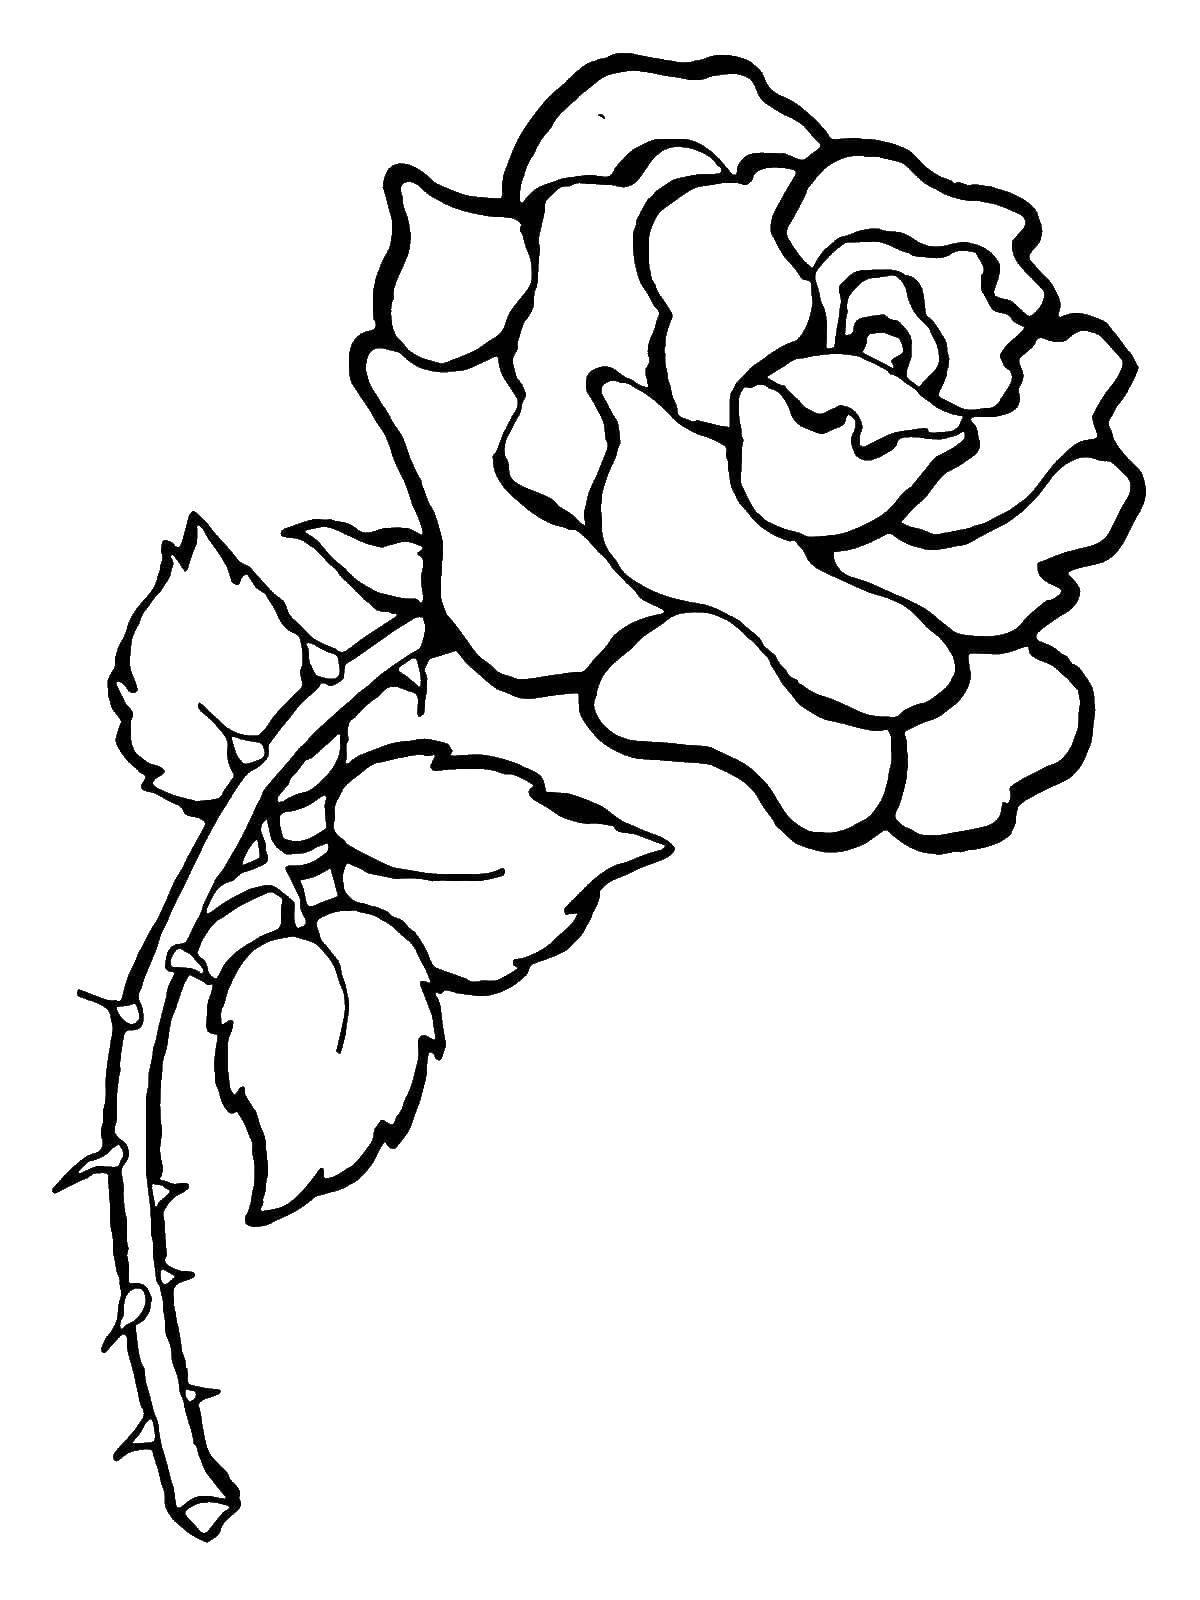 Раскраска Красивая роза с шипами Скачать Цветы, розы.  Распечатать ,Цветы,